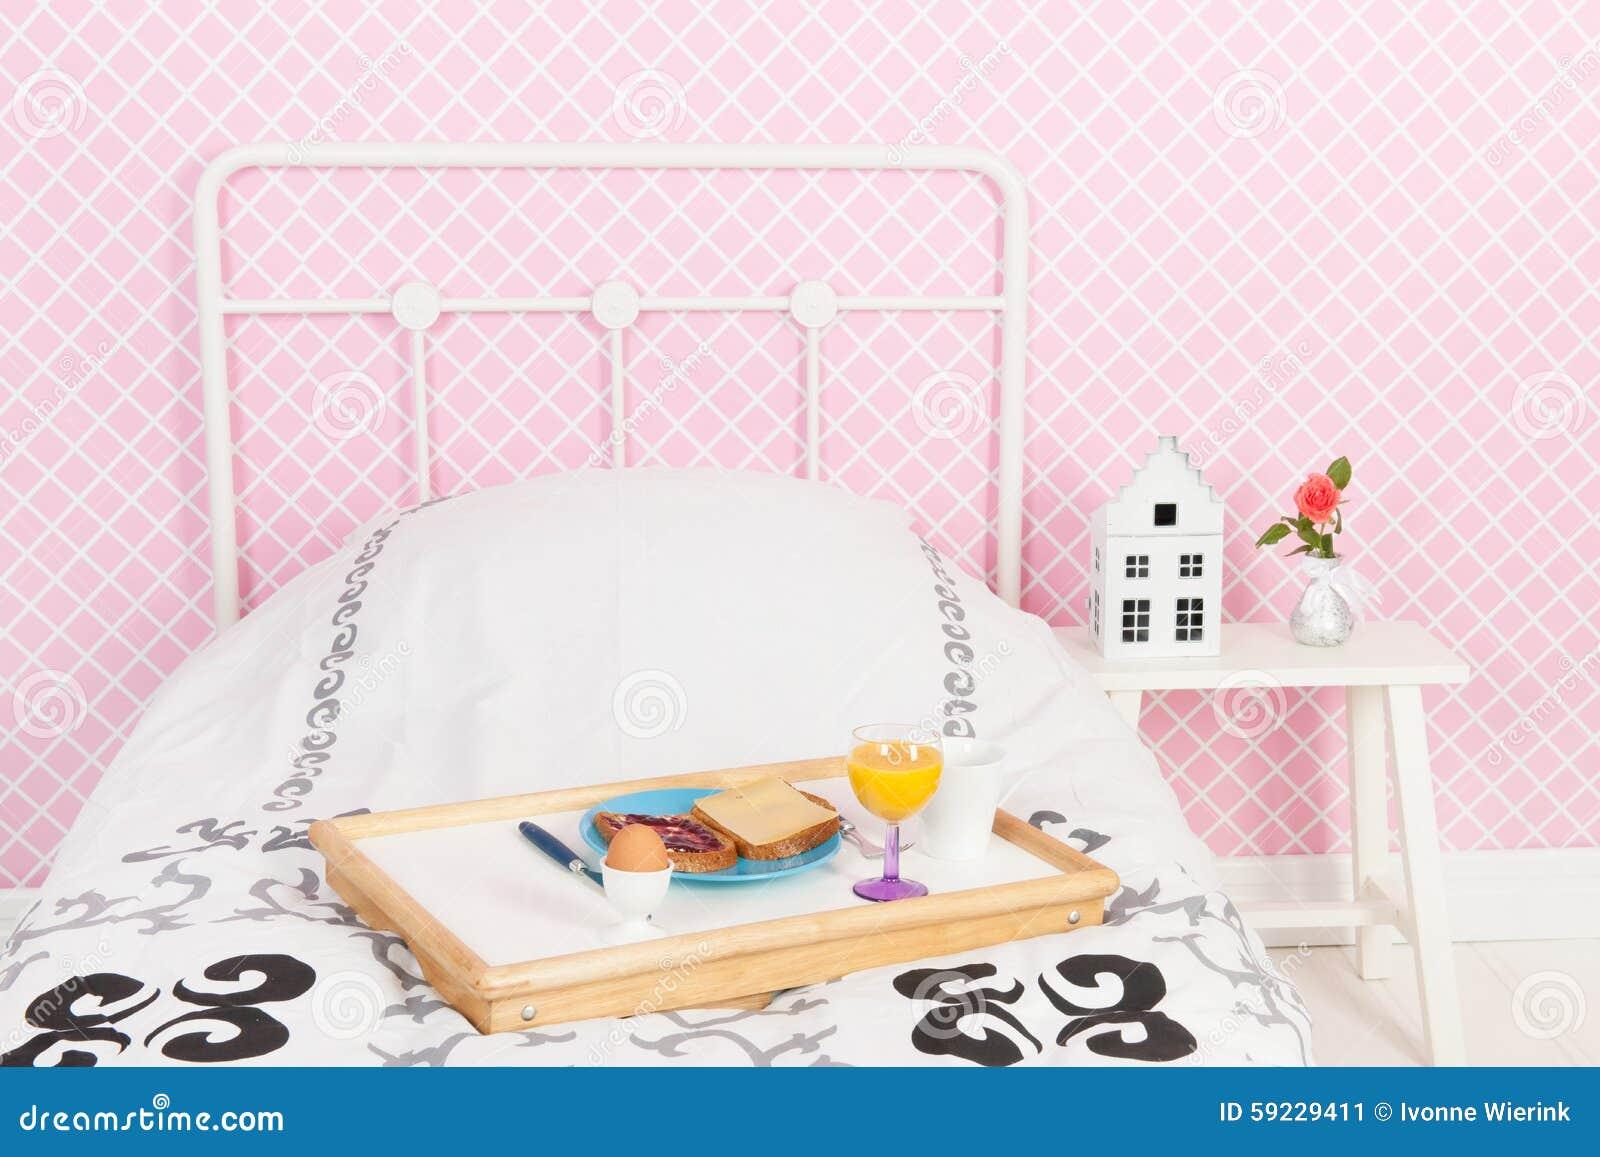 Desayuno en cama